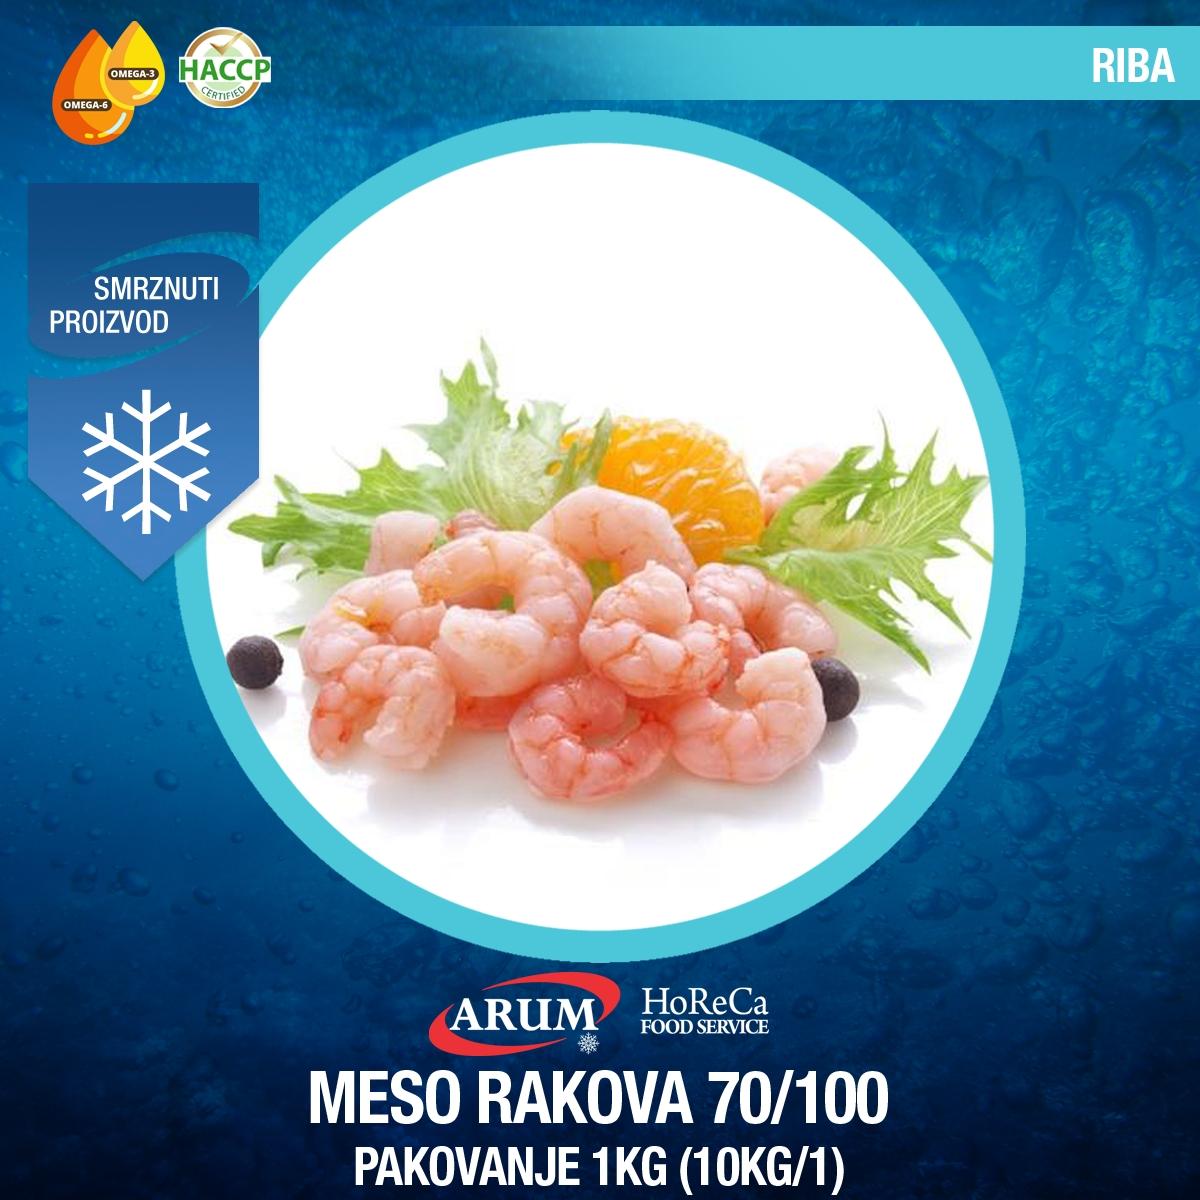 Meso rakova 70/100 1 kg (10kg/1#)